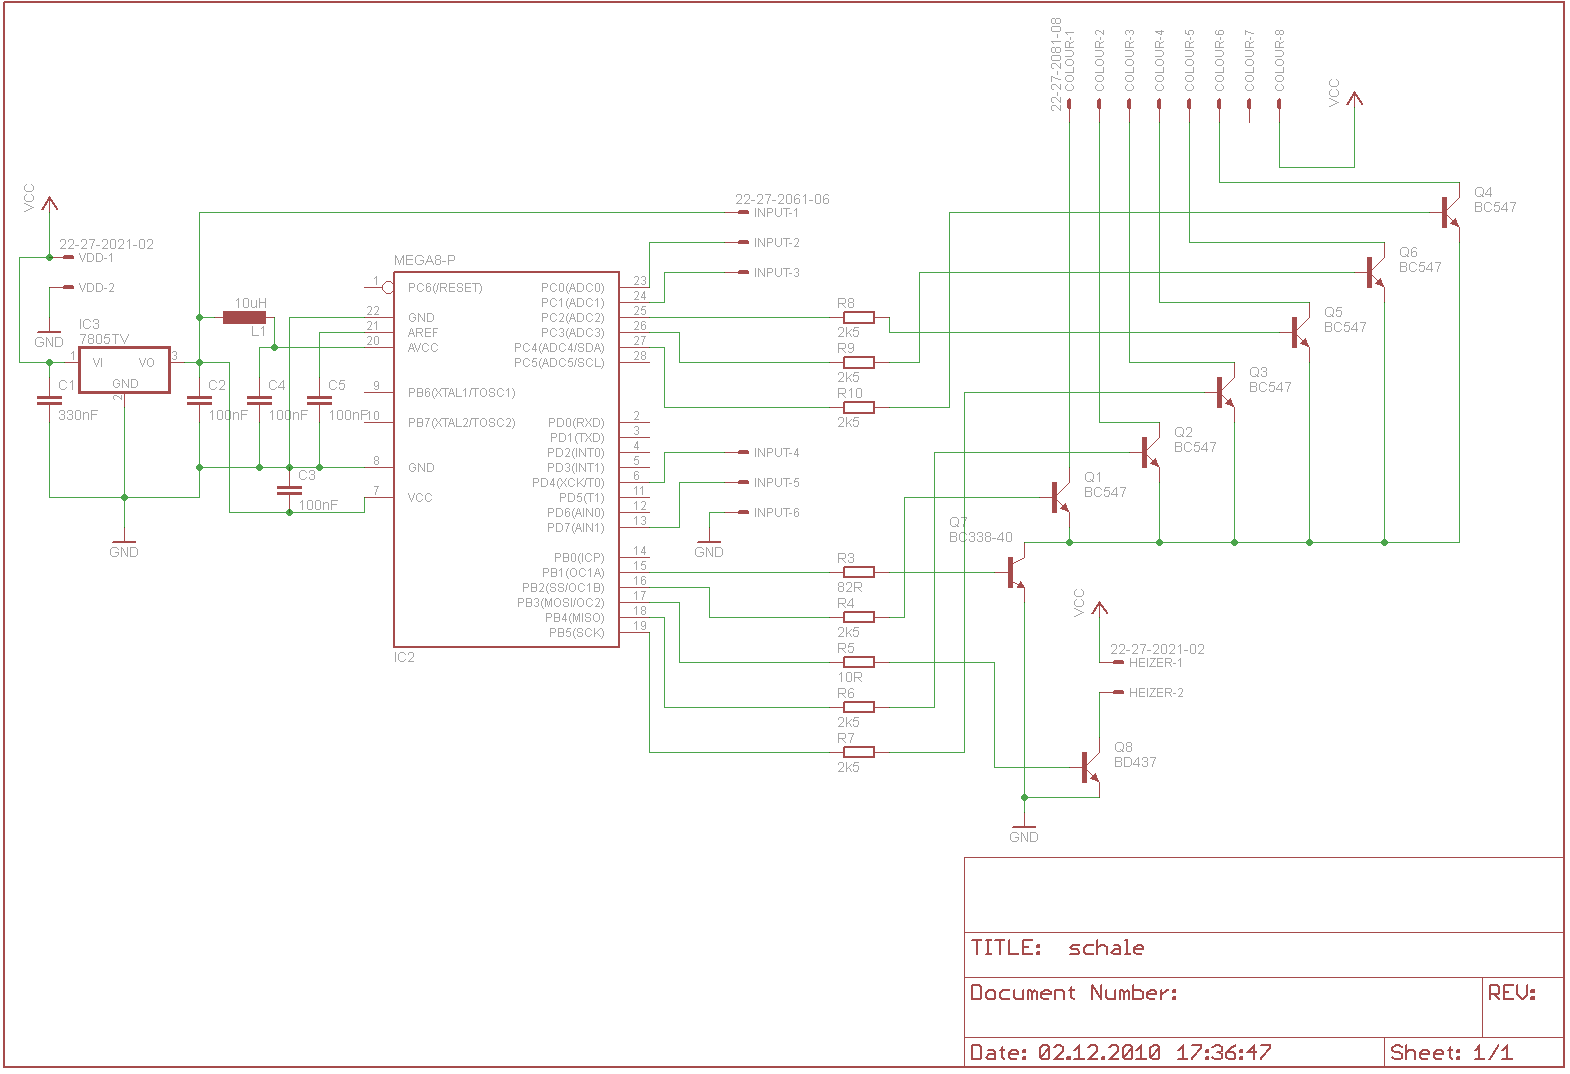 Schaltplan Review (Dekorationsschale) - Mikrocontroller.net